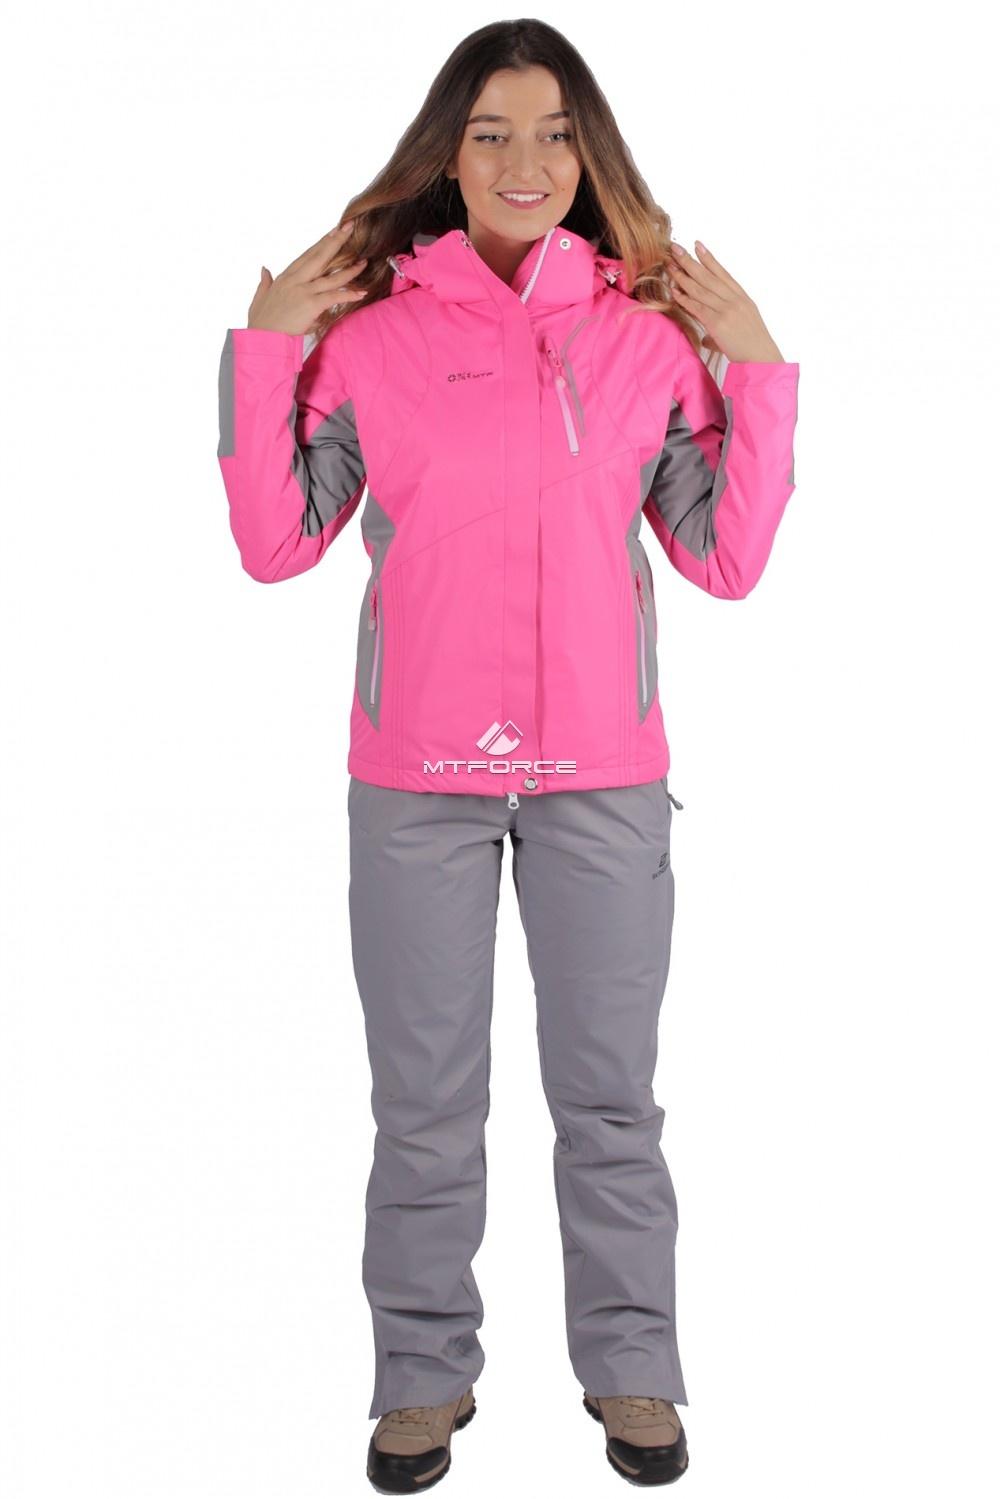 Купить                                      оптом Костюм женский осень весна розового цвета 01713-1R в Новосибирске